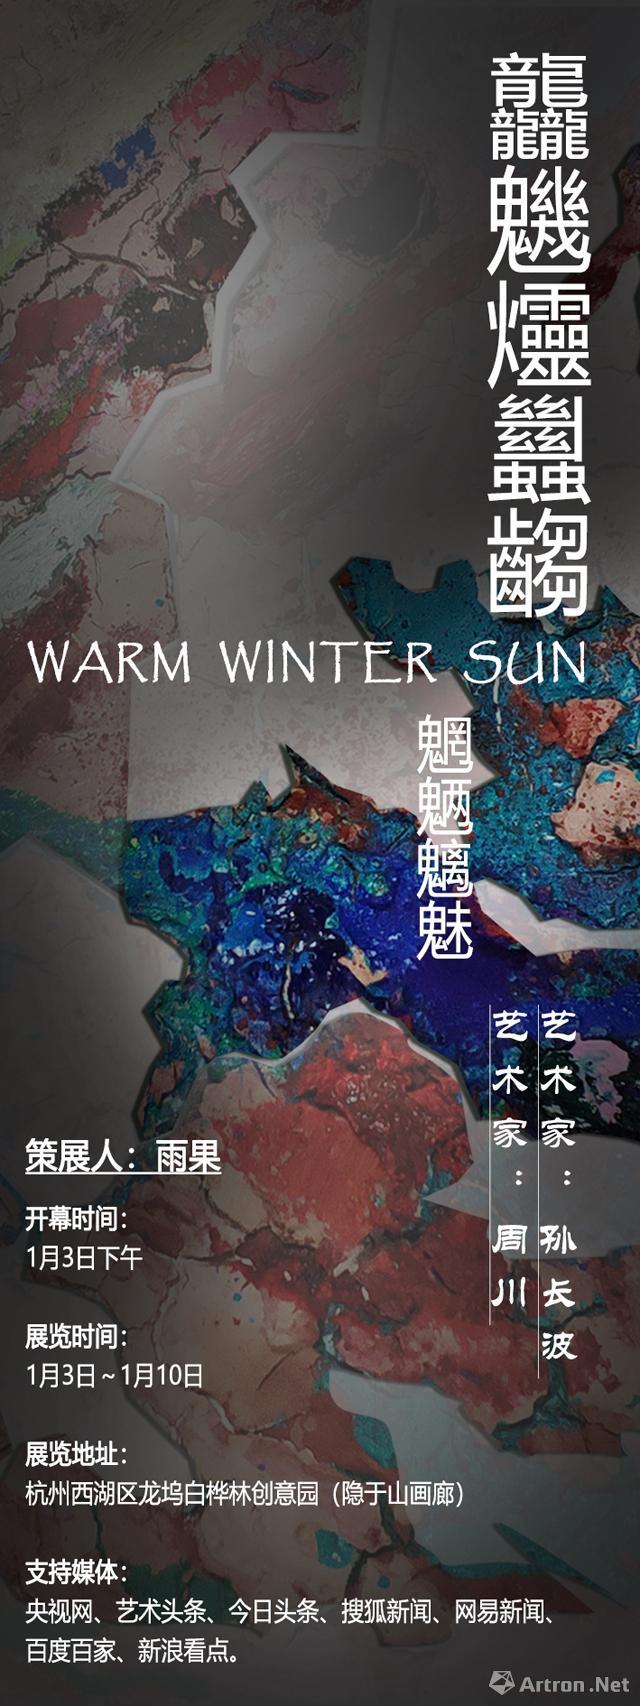 龘魕爧蠿齺+魍魉魑魅 Warm winter sun